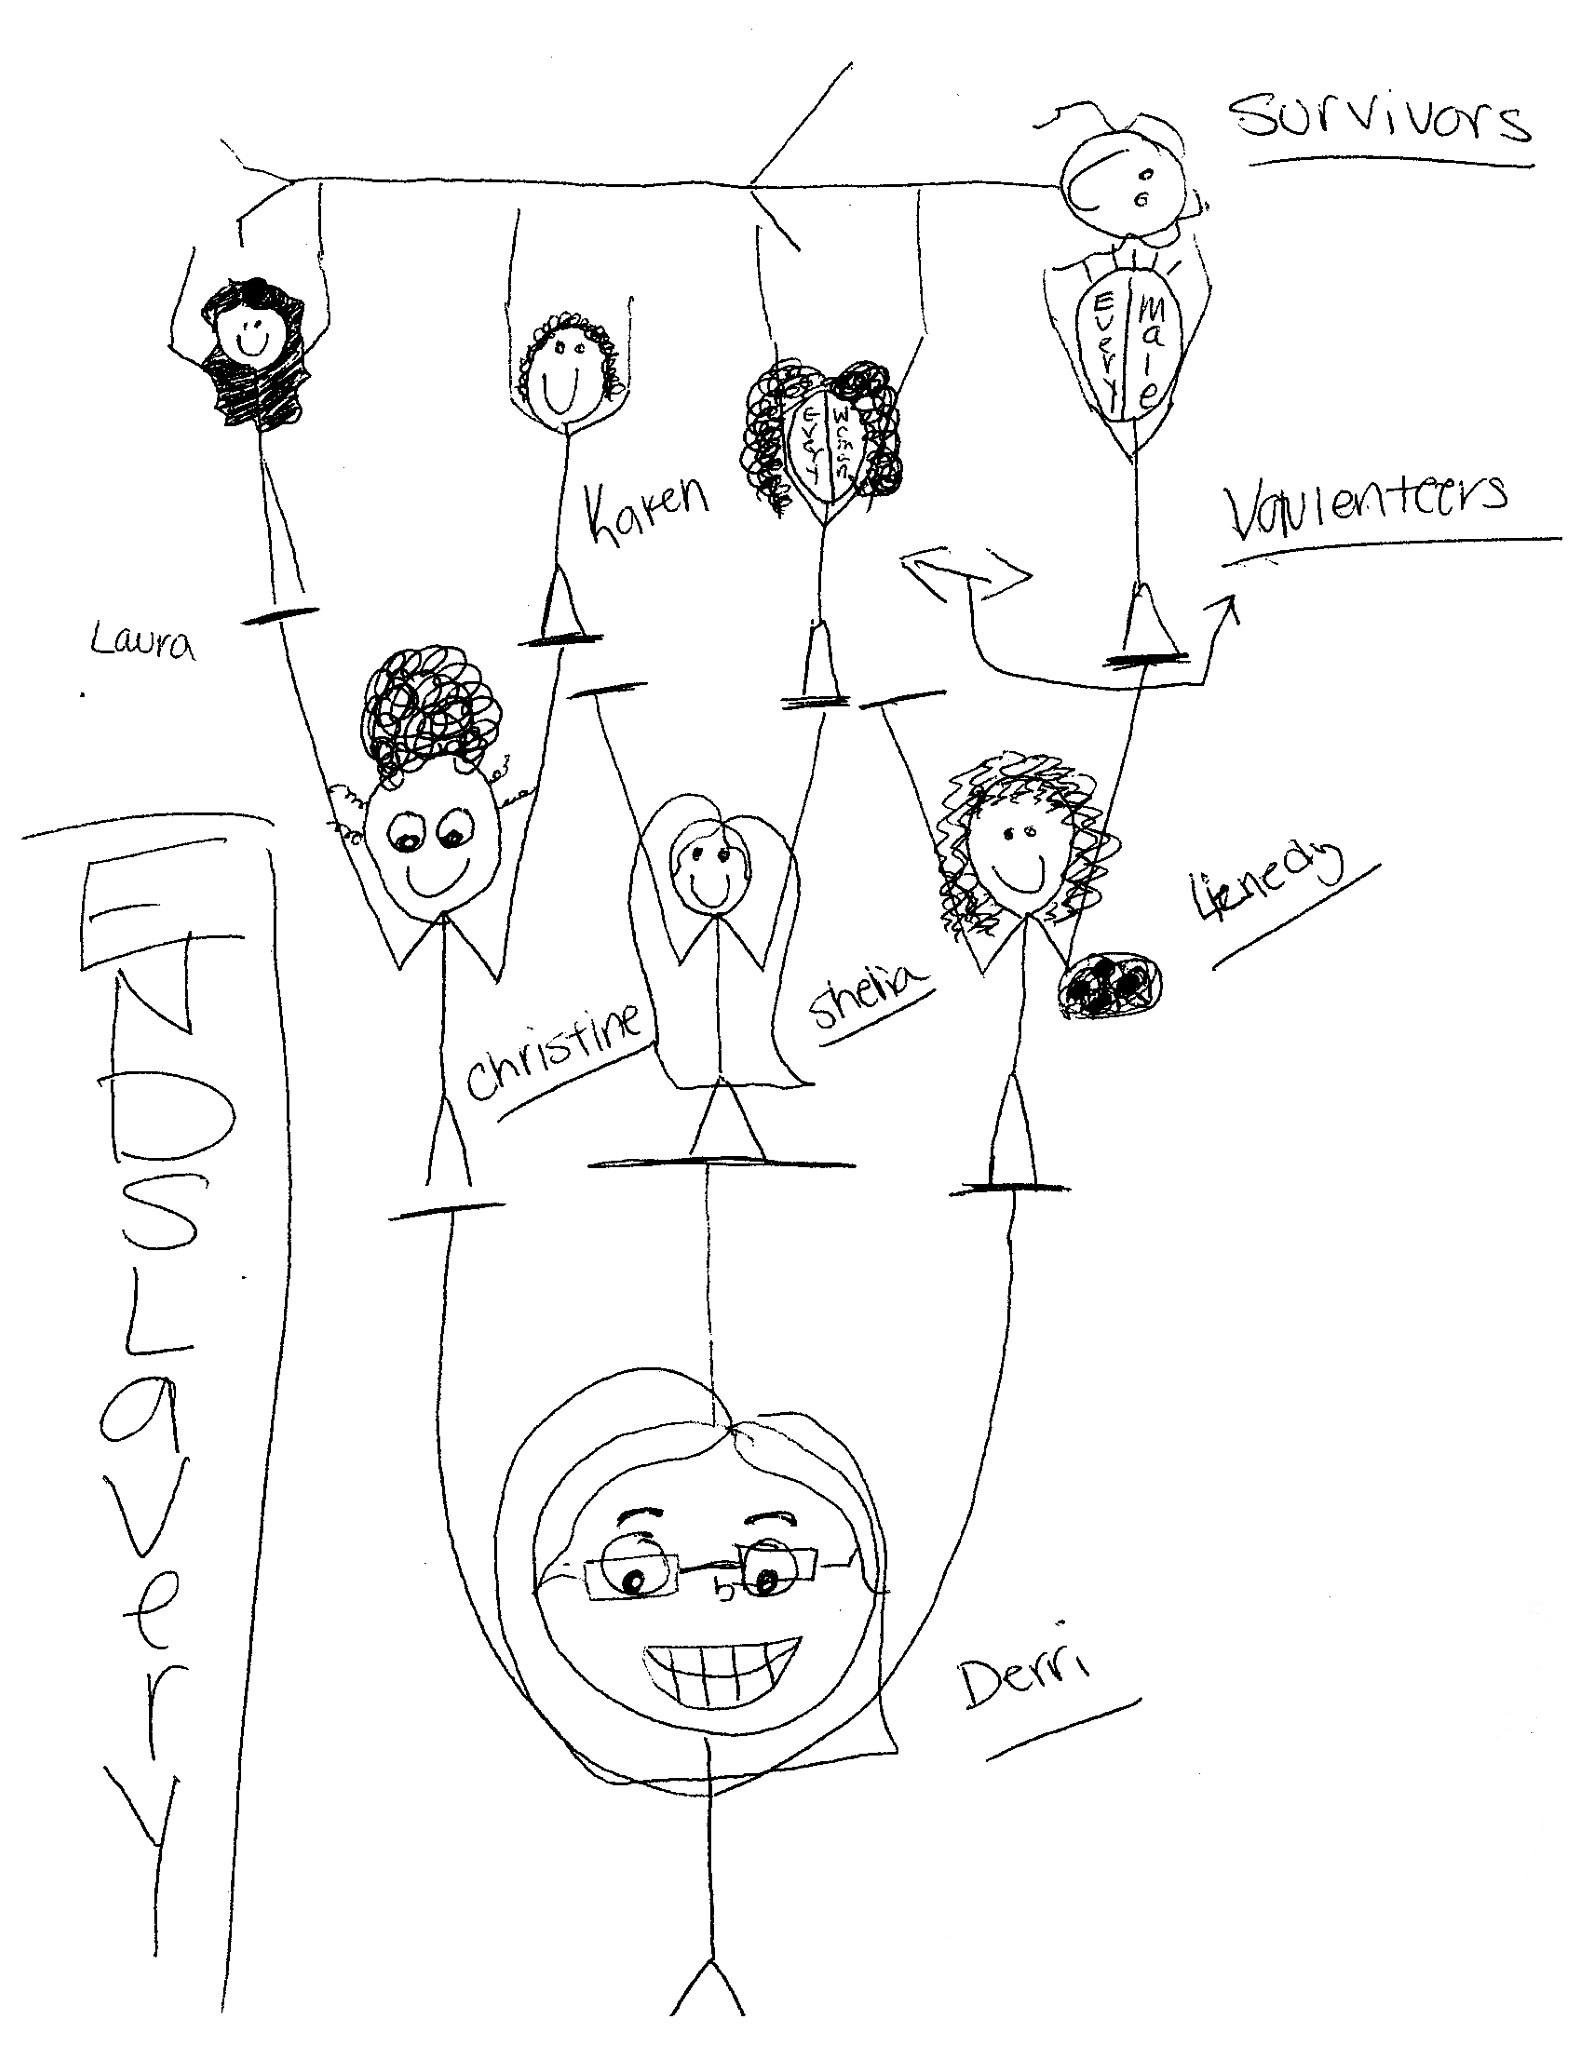 ESTN Family